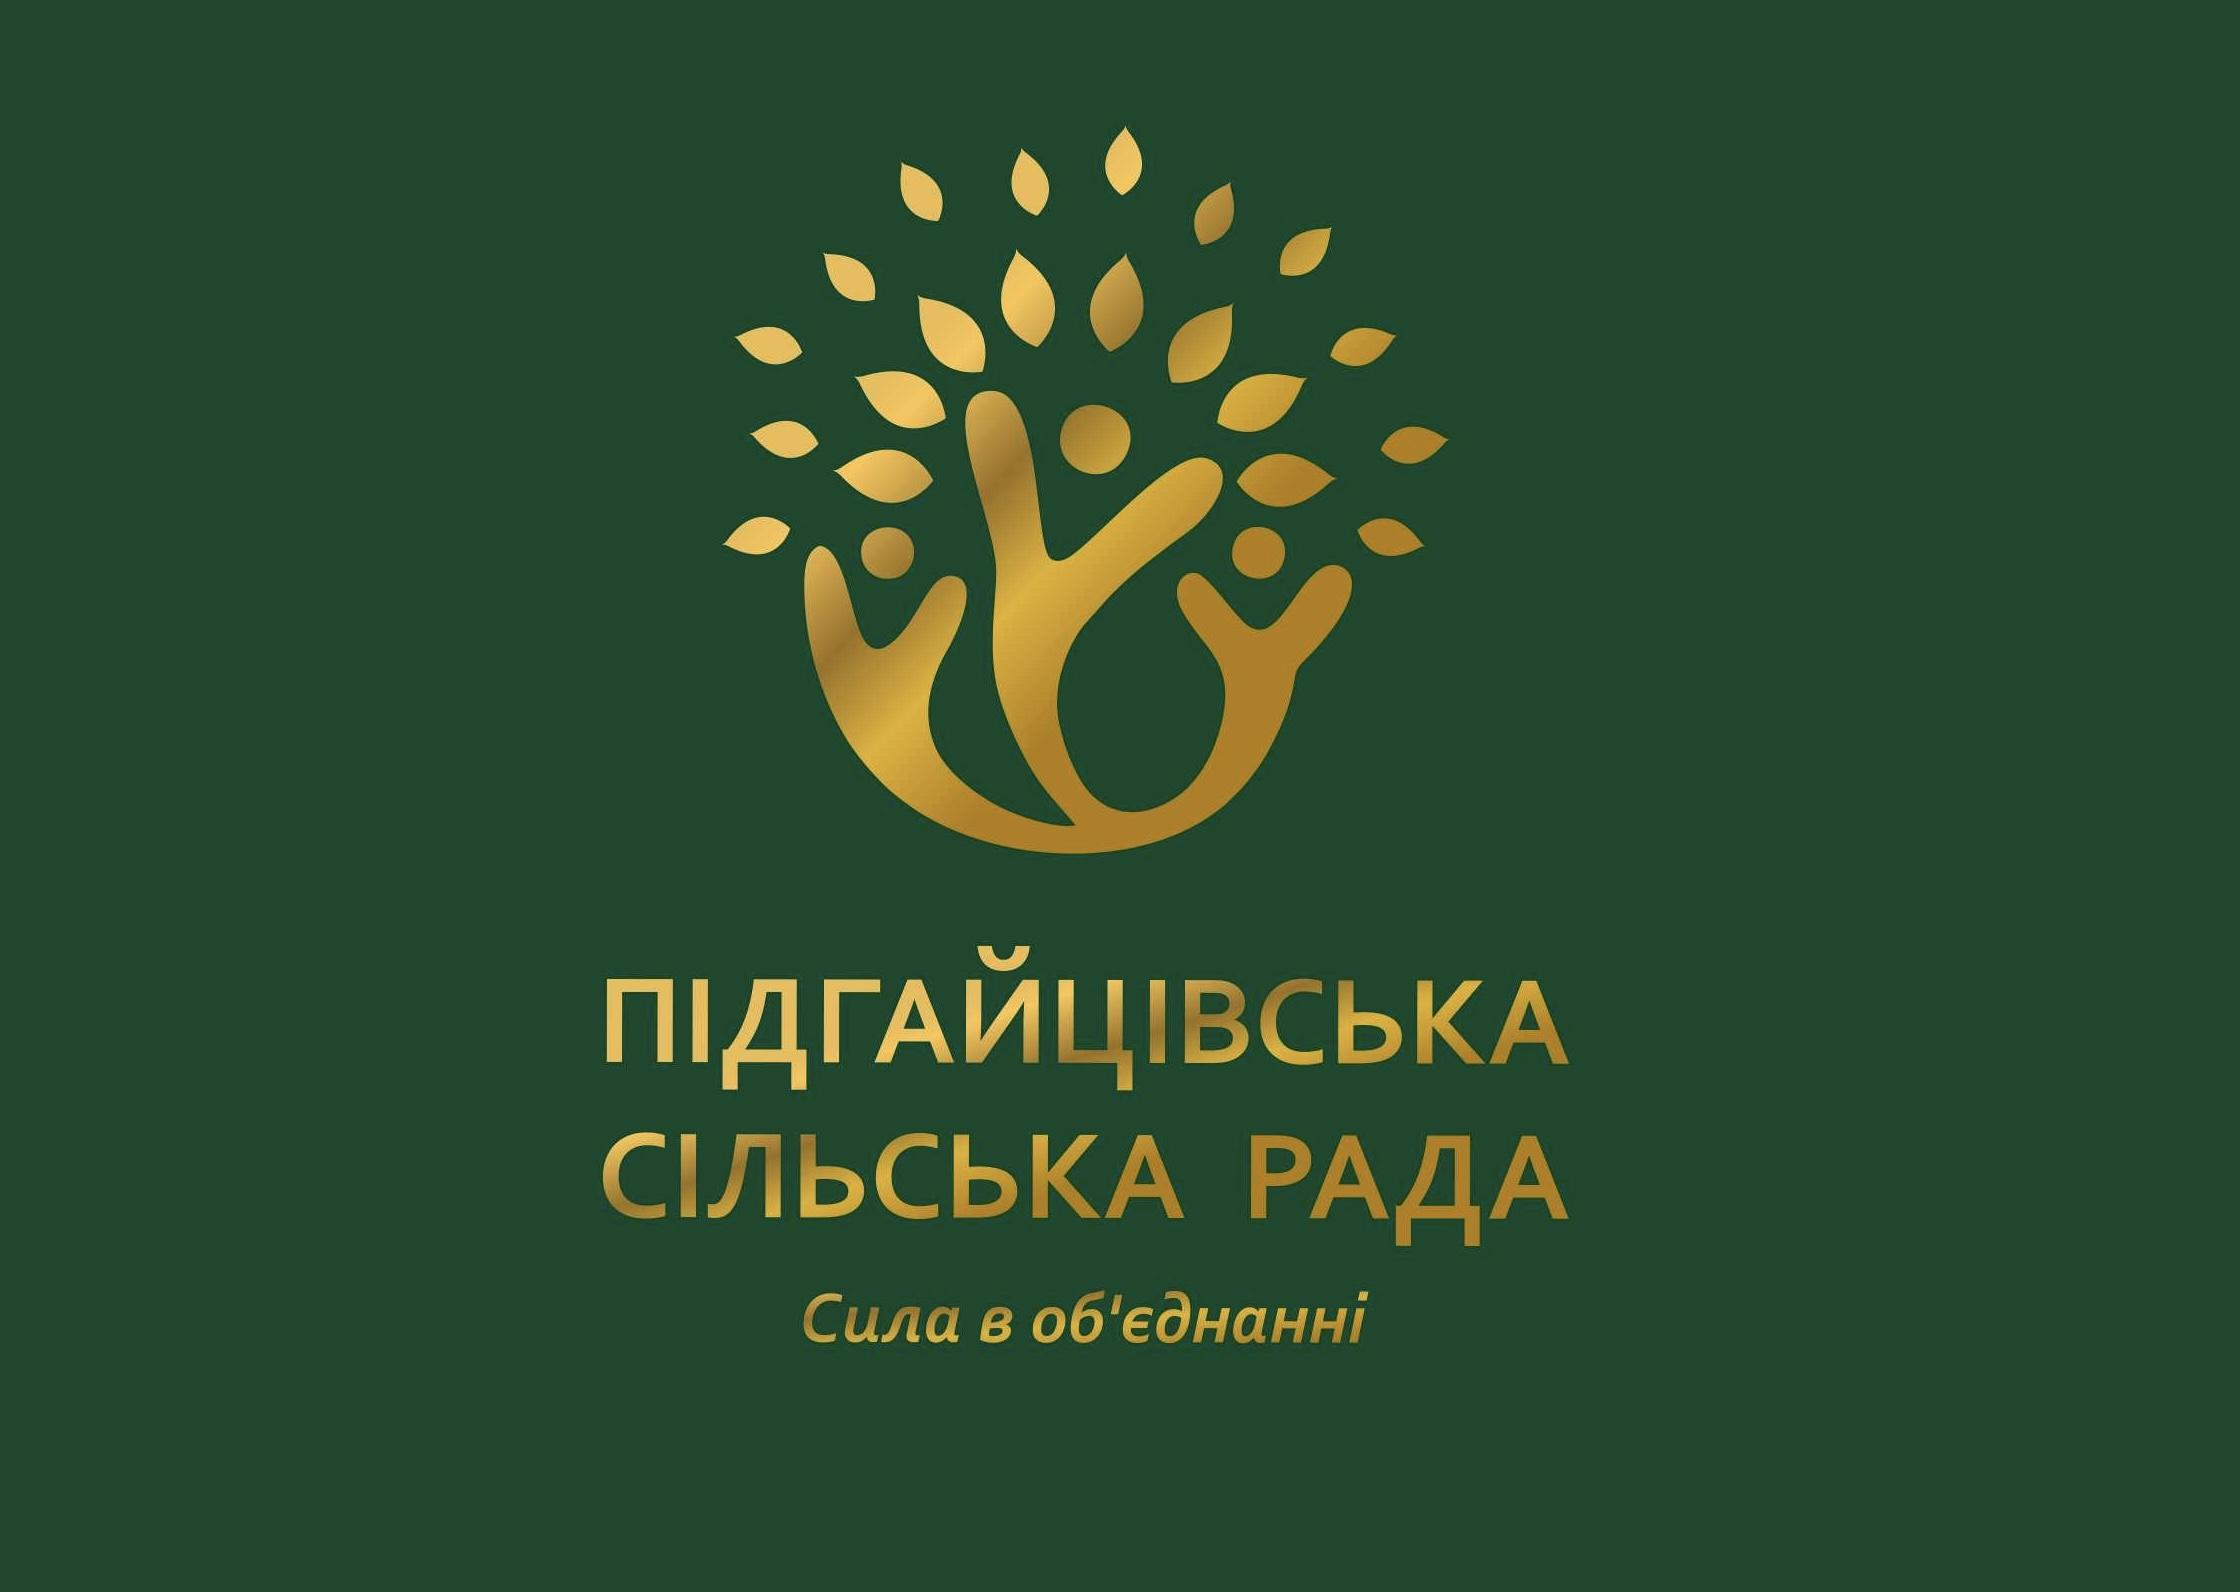 Оголошення про скликання восьмої позачергової сесії Підгайцівської сільської ради